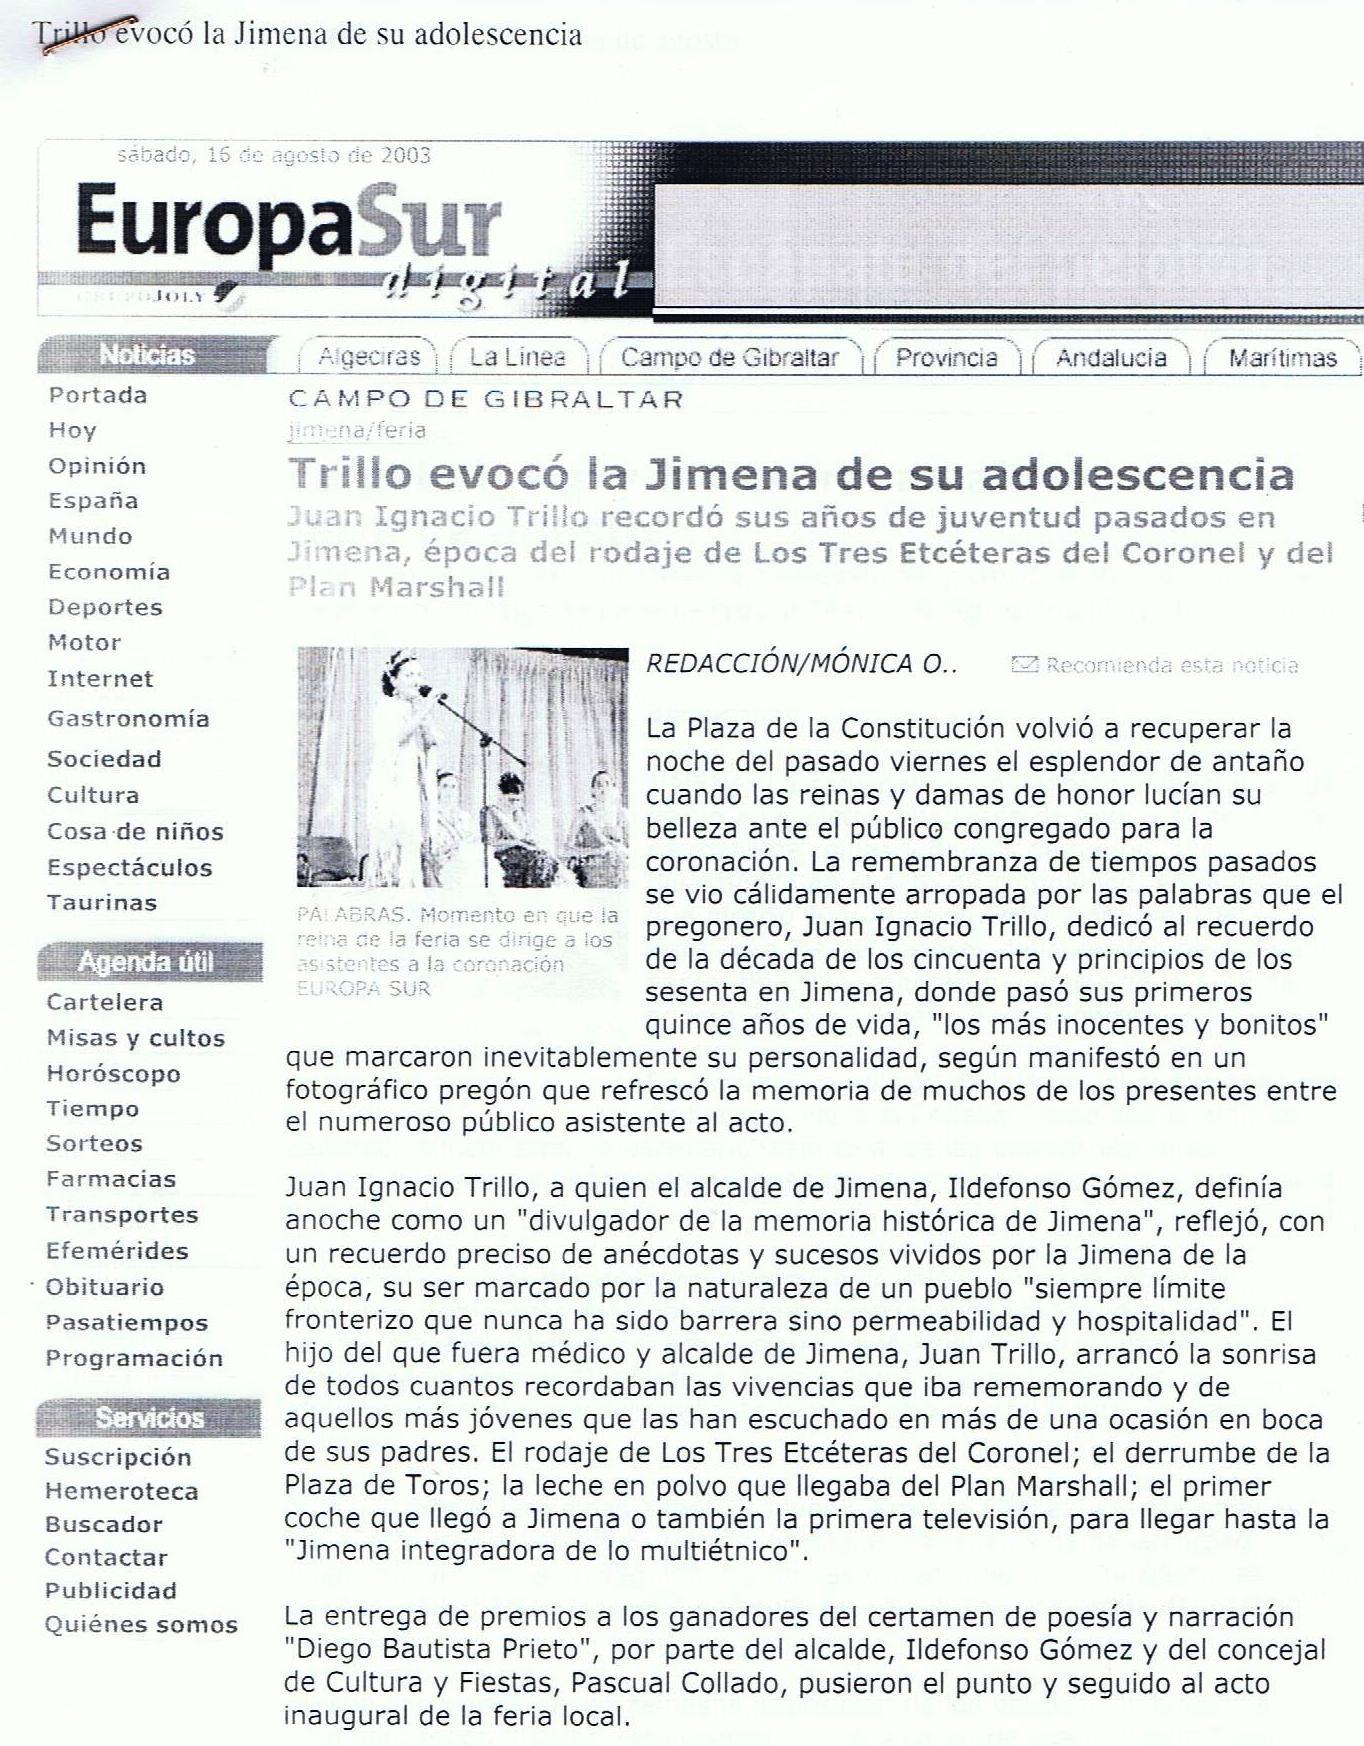 Eco informativo del pregón en el diario Europa Sur del Campo de Gibraltar. Edición del 16.08.2003.